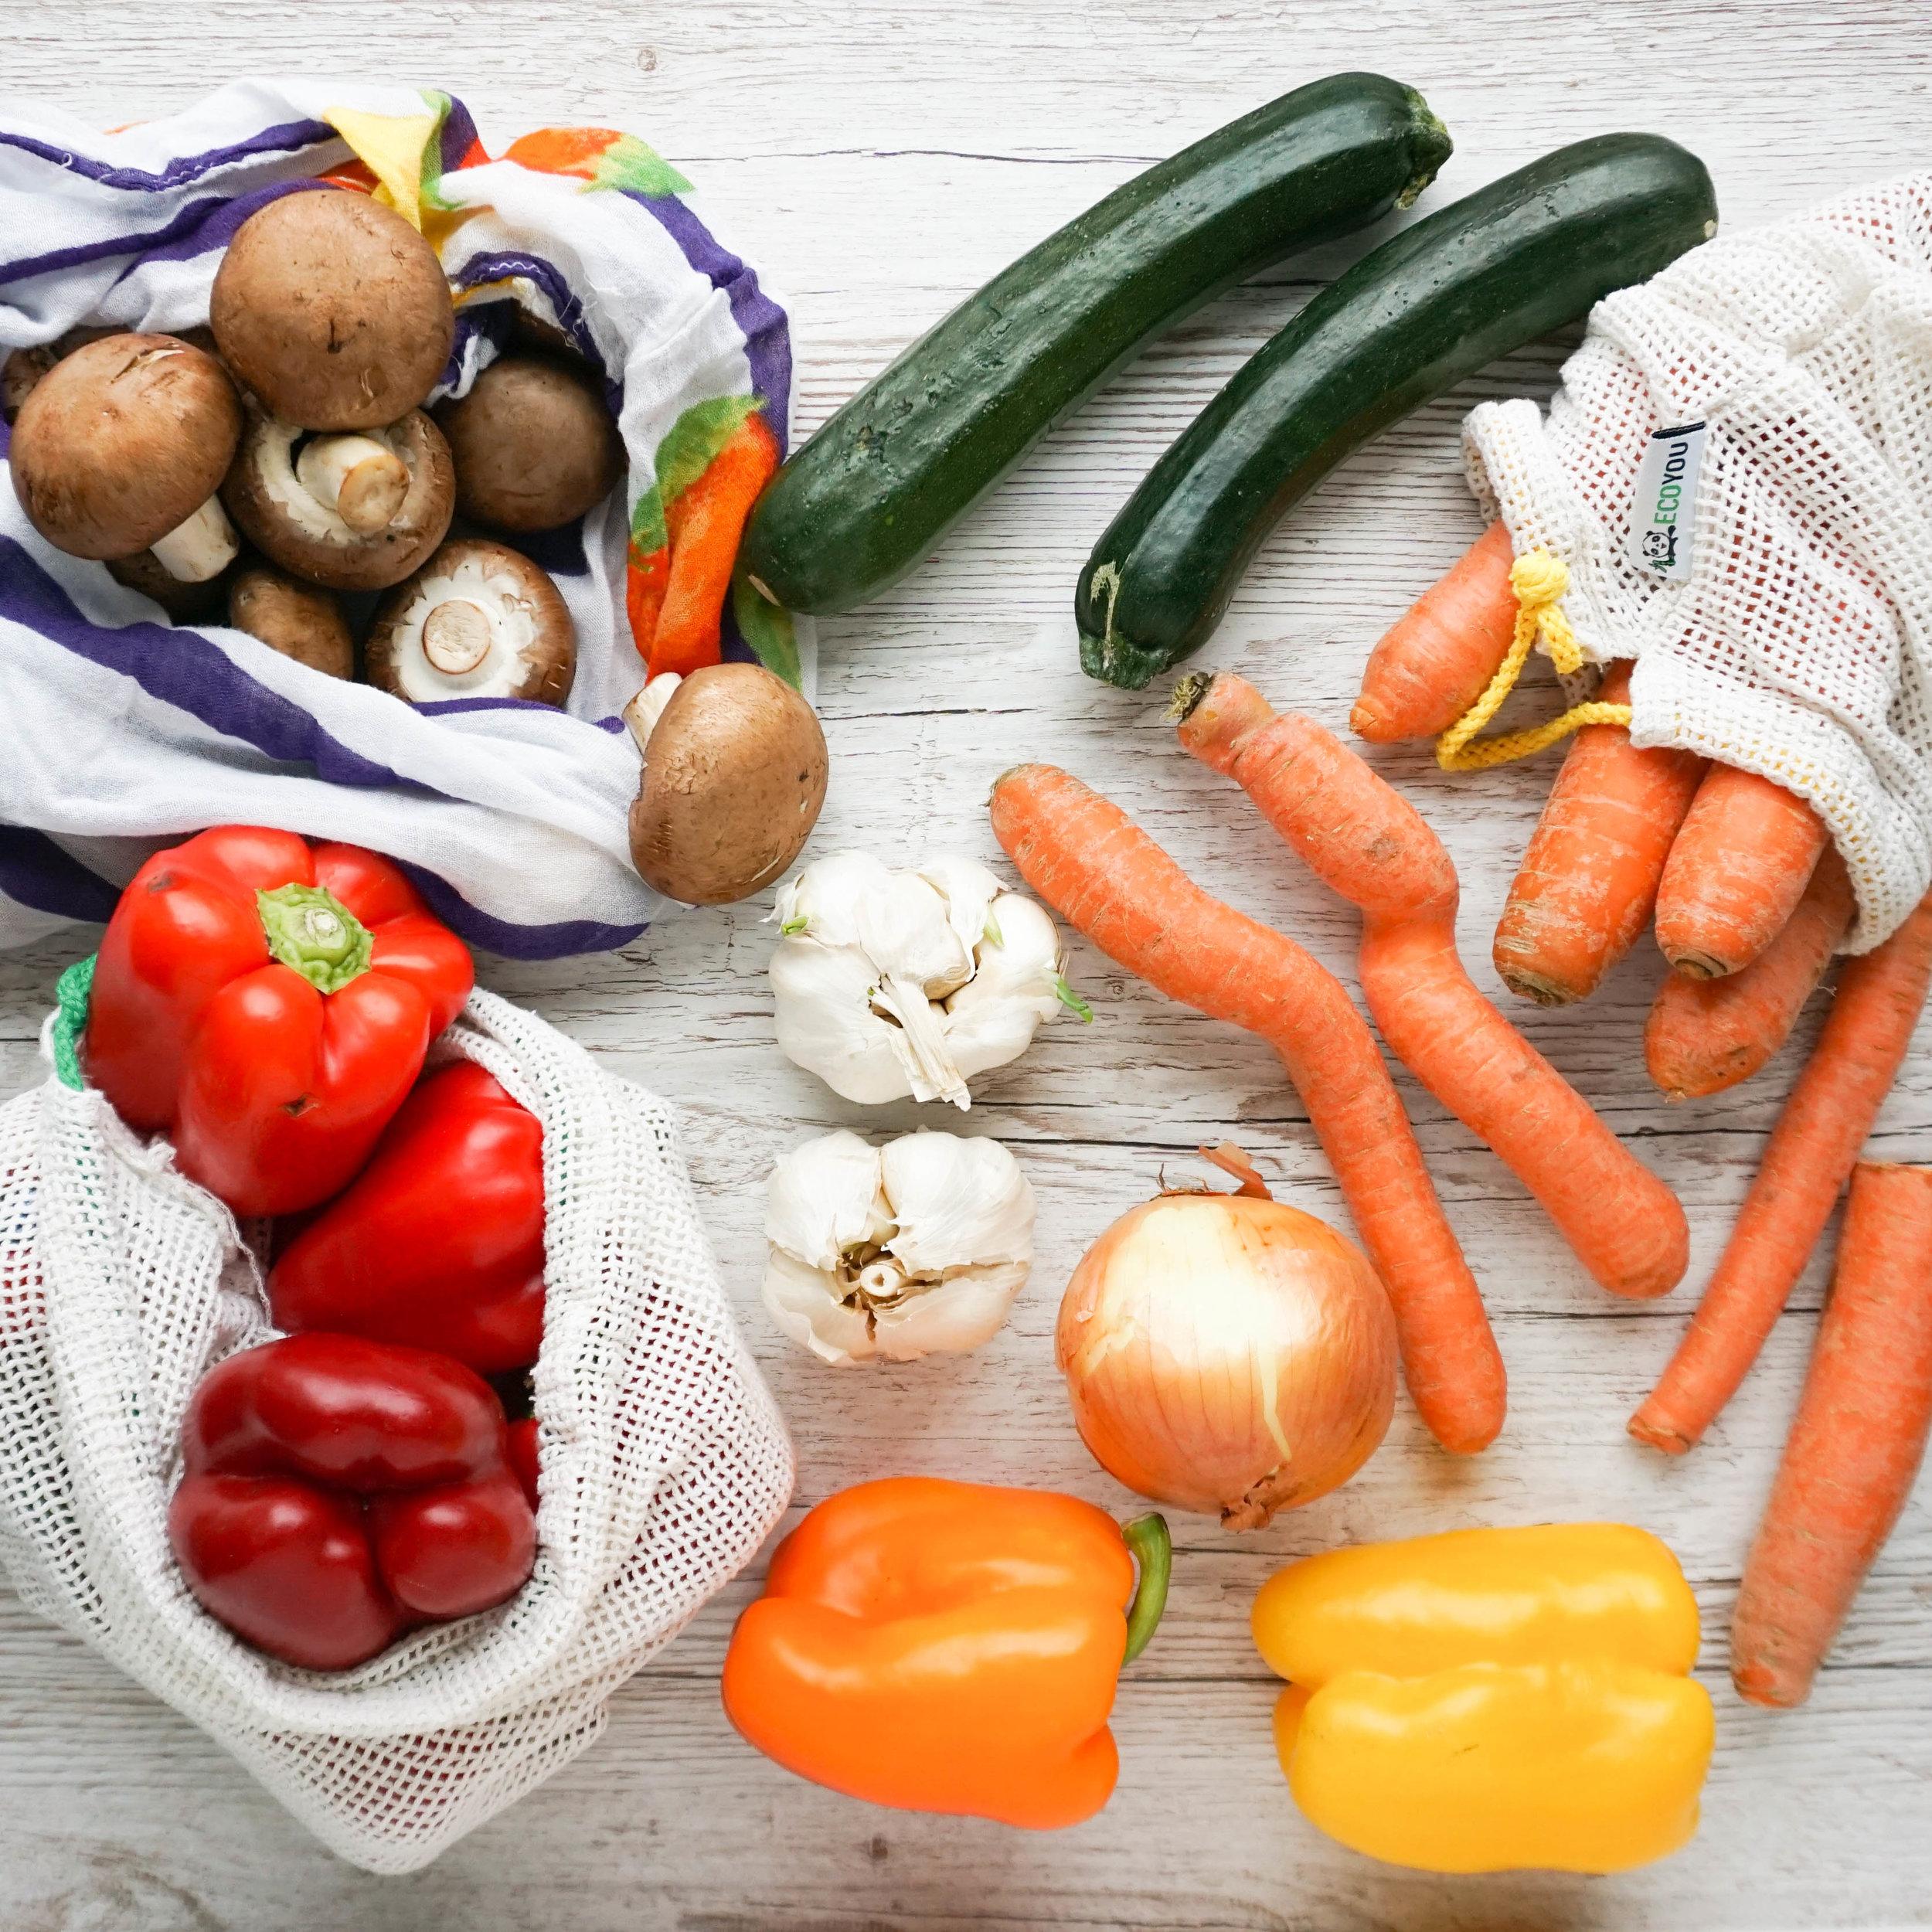 plastikfrei einkaufen Obst und Gemüse - Jahresrückblick der Nachhaltigkeit 2018.jpg